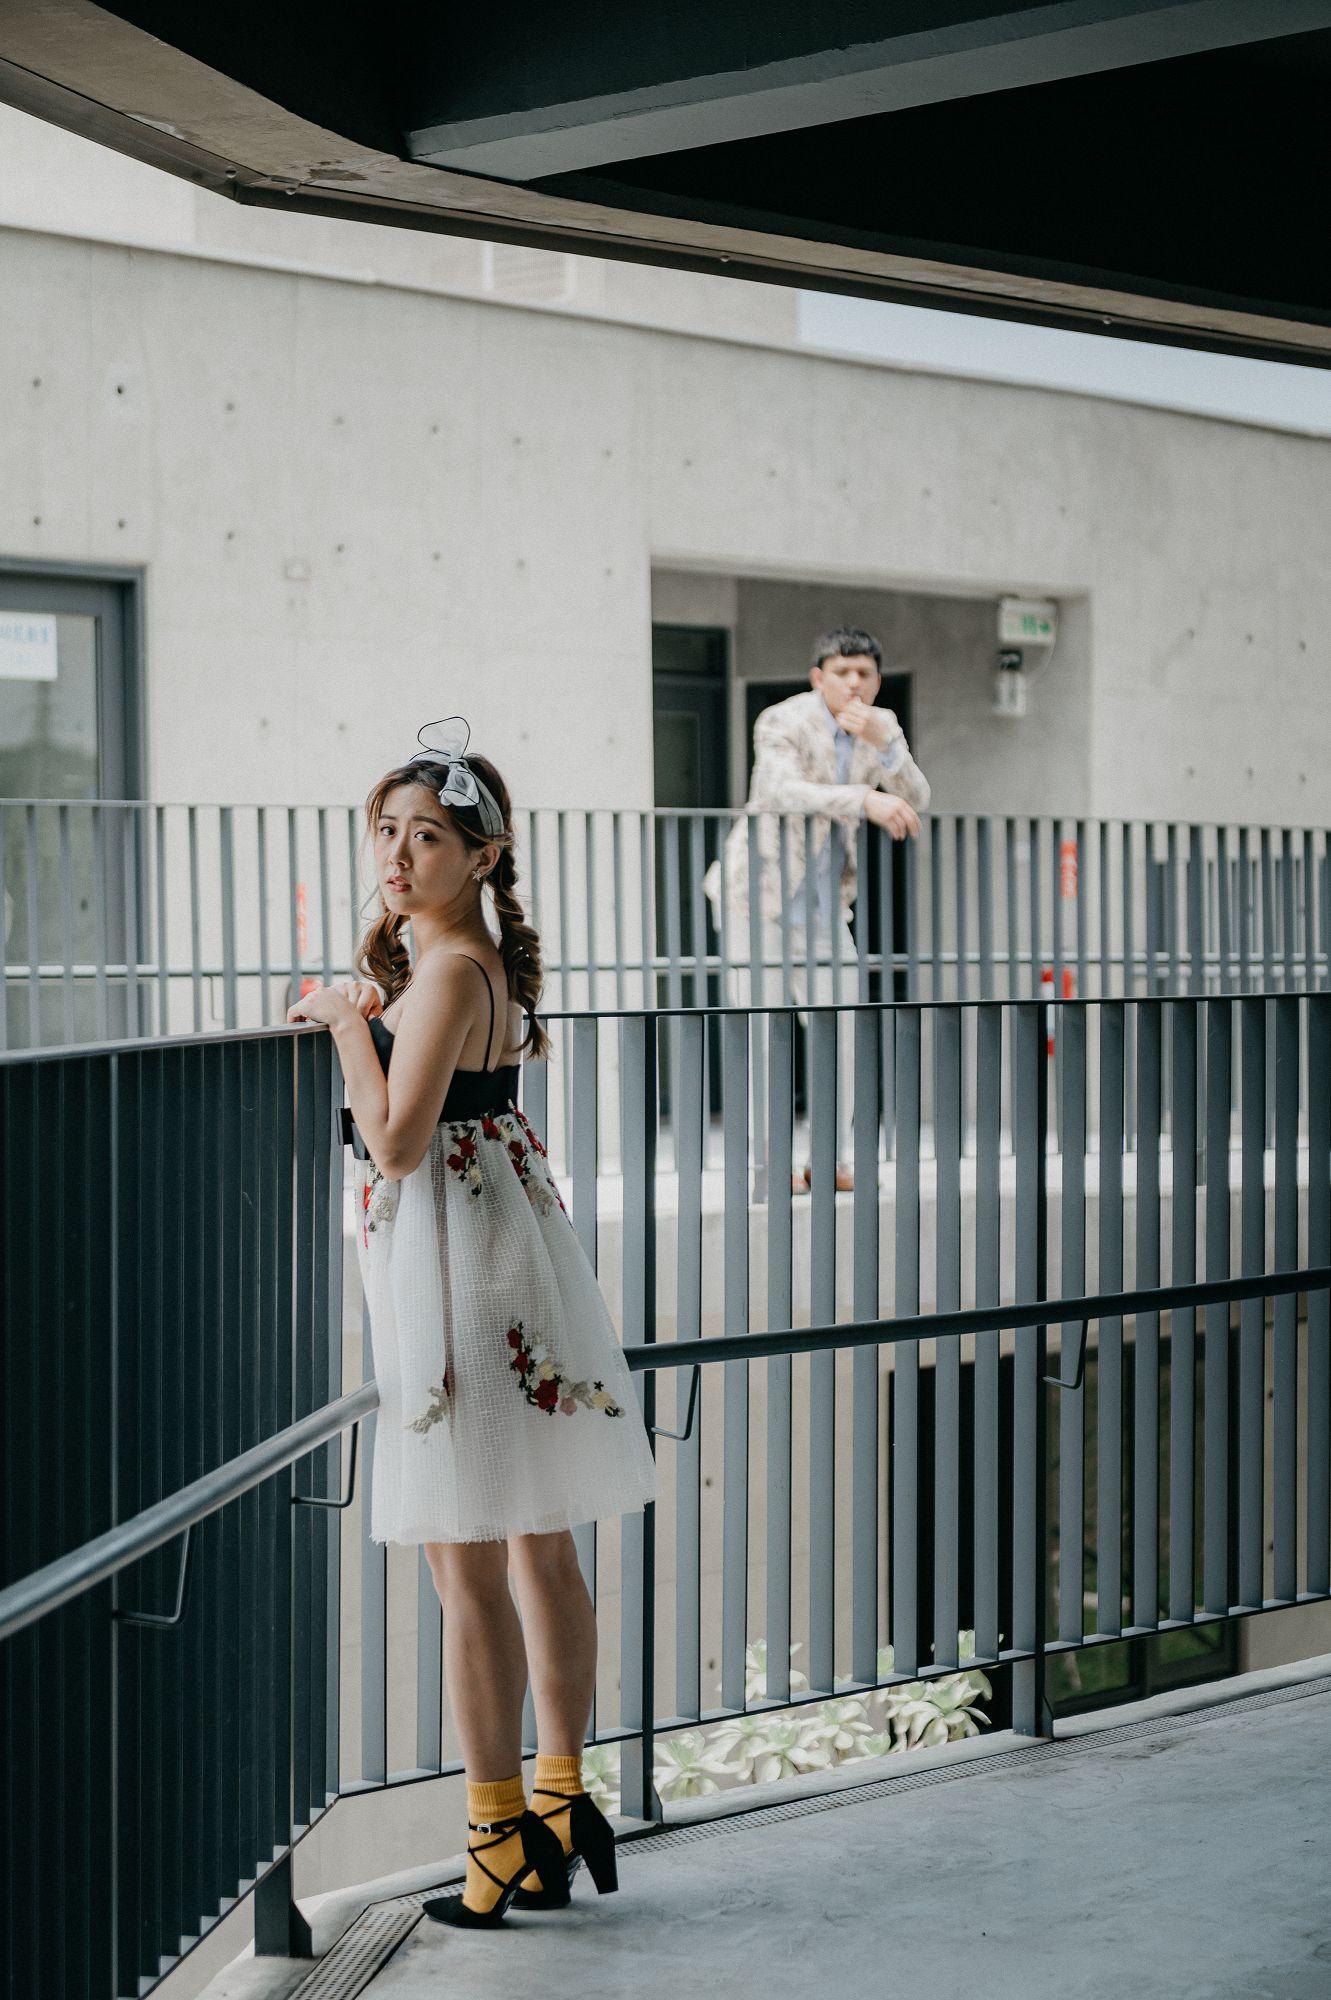 自助婚紗,婚紗攝影,台北婚紗,dionne,輕婚紗,新秘,新娘物語推薦,七顆梨,西服,旗袍,便服寫真,草漯沙丘,海邊,觀音,桃園,八里,十三行,